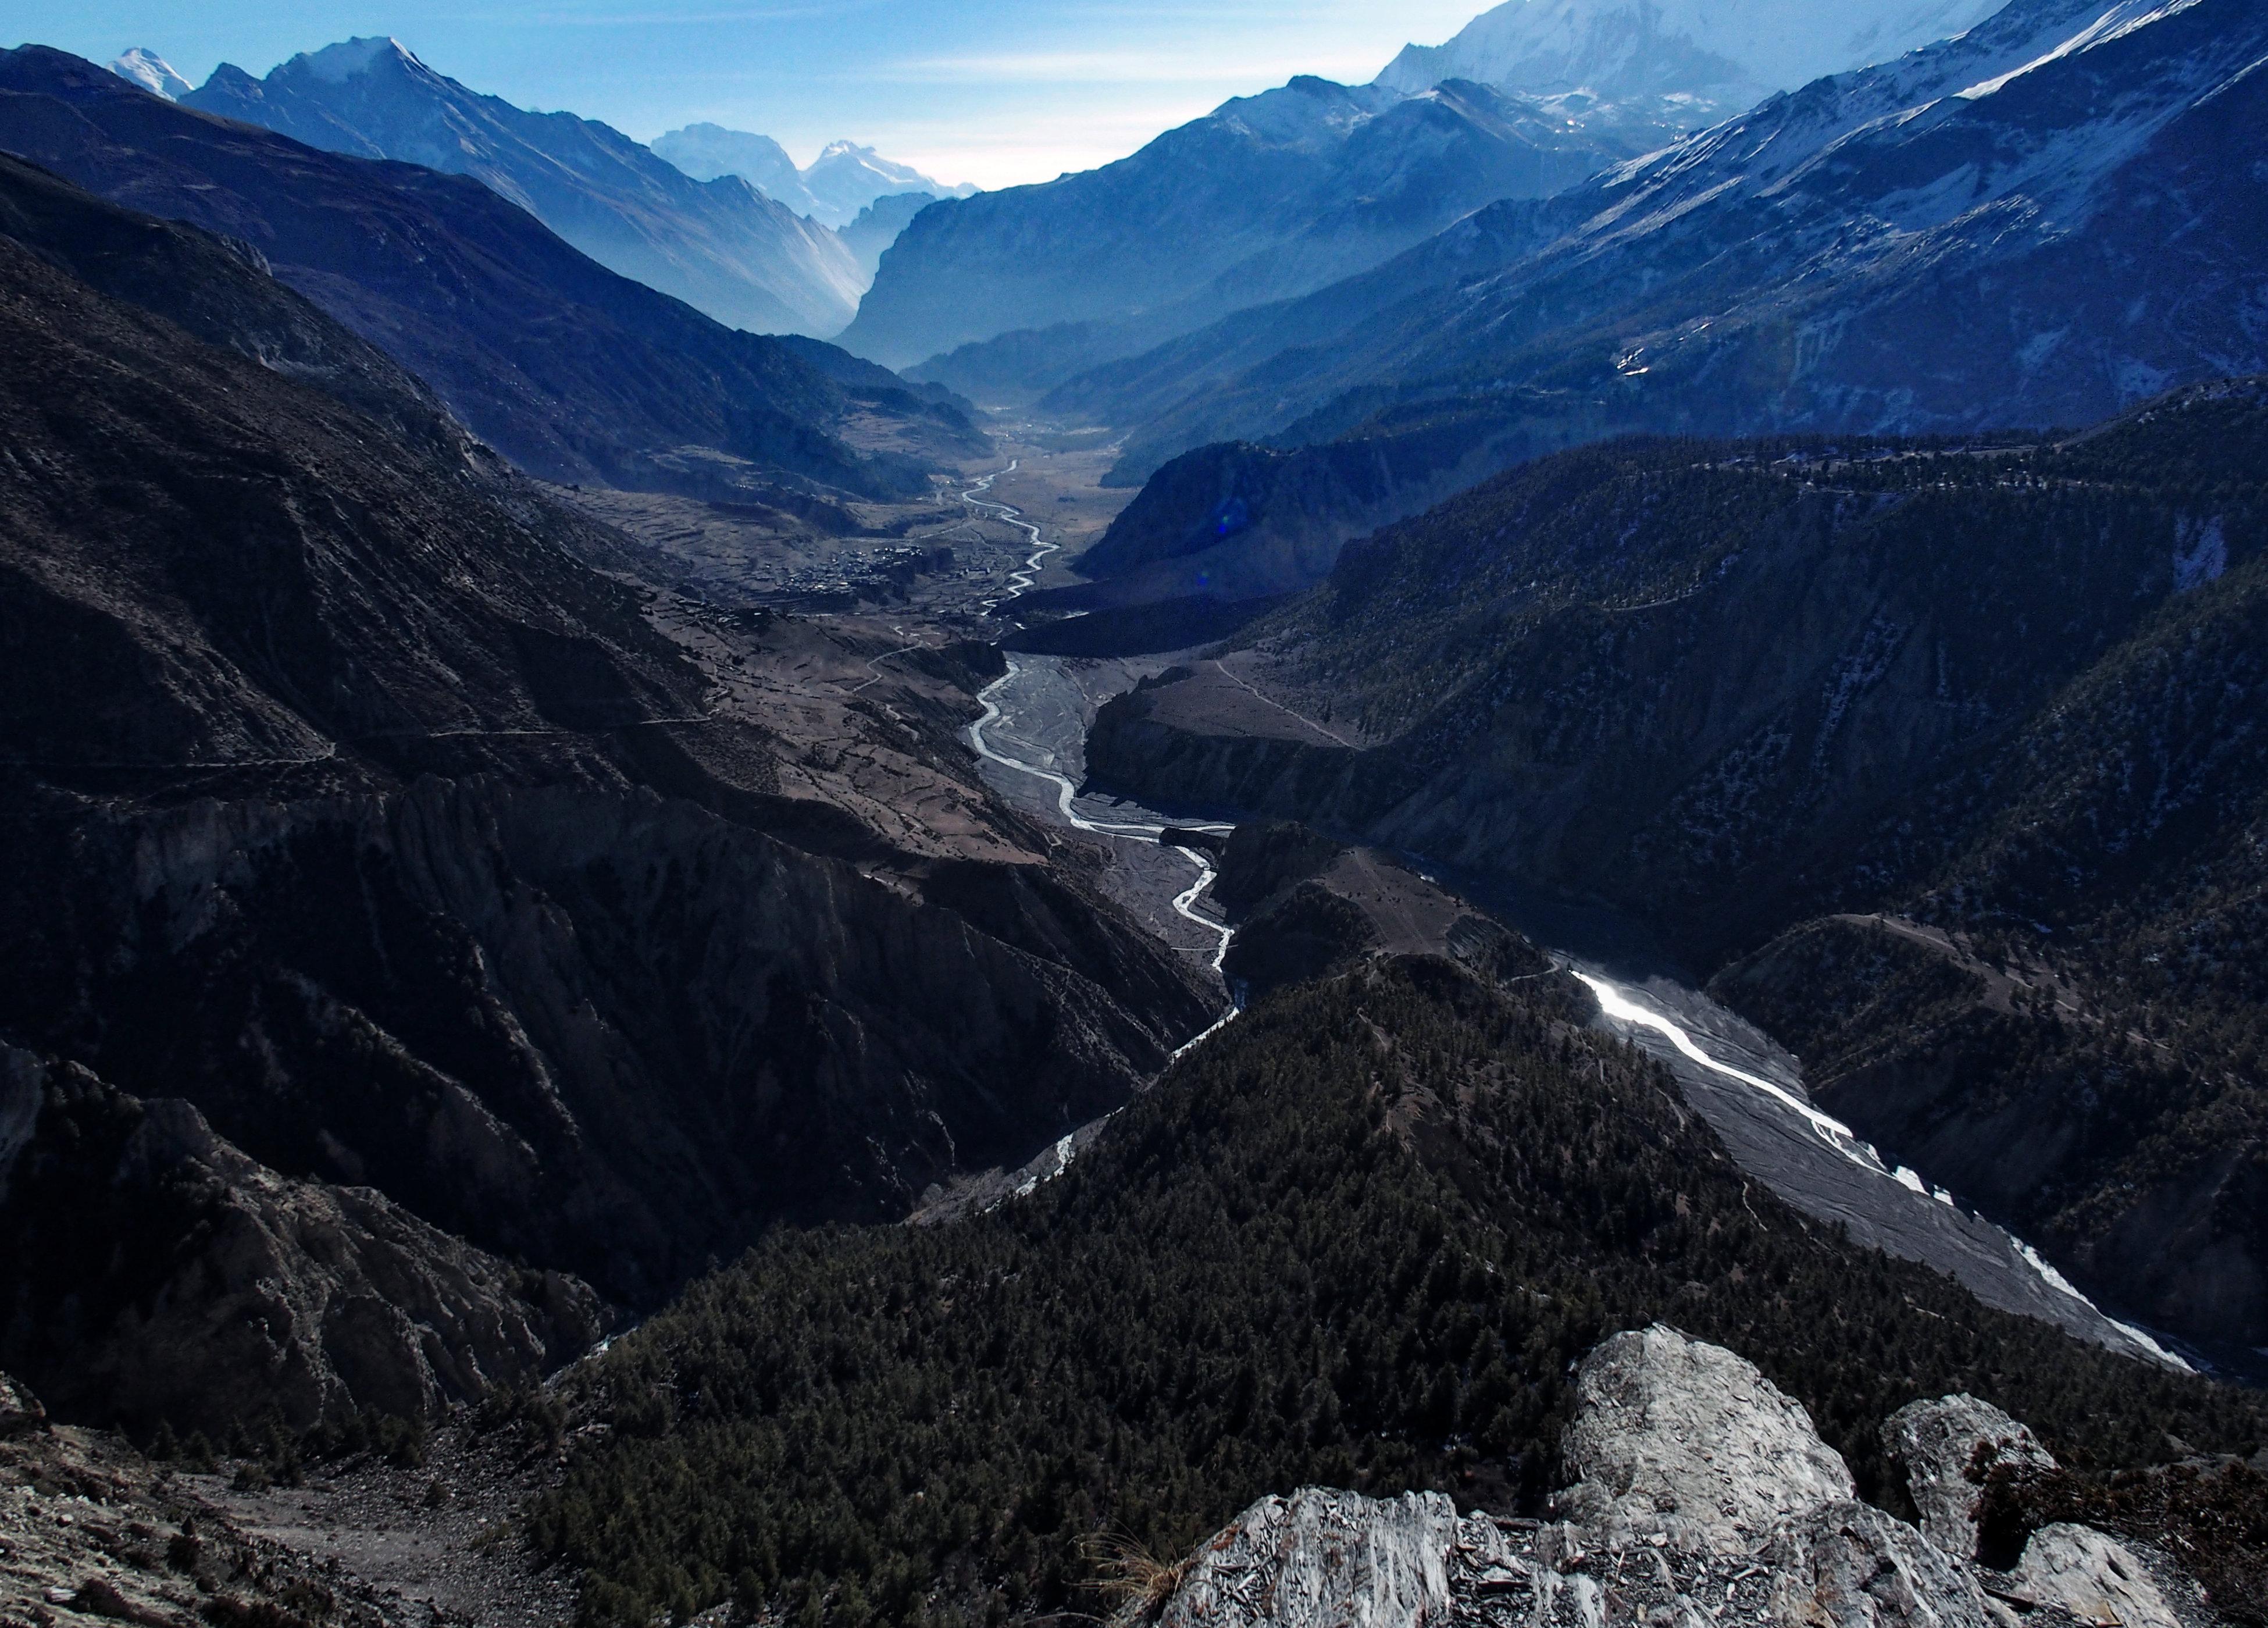 Atemberaubender Blick auf das Manang Tal